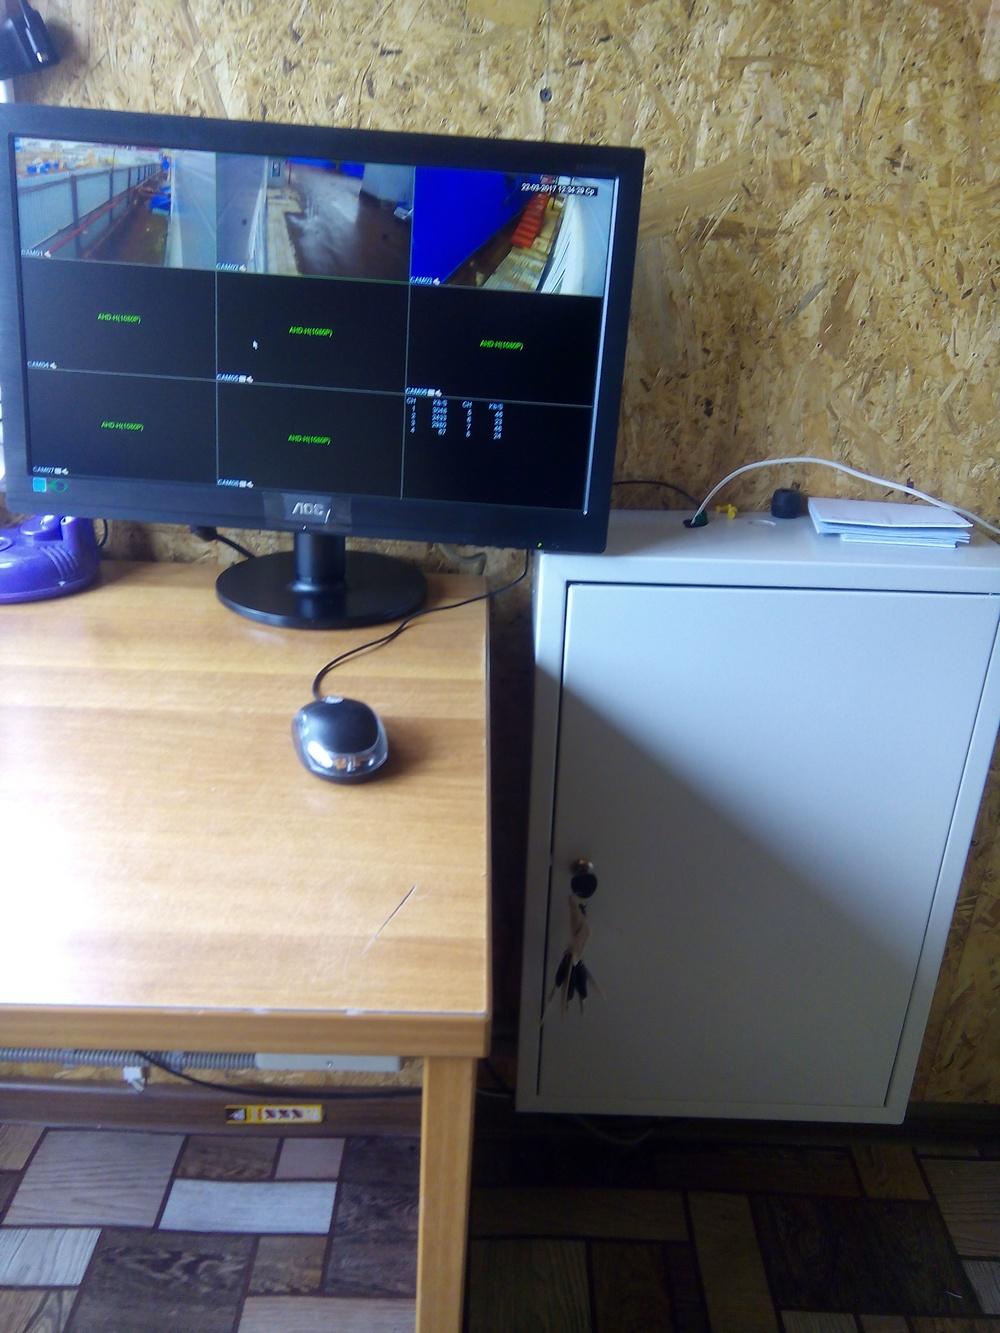 Видеонаблюдение на 4 камеры с монитором